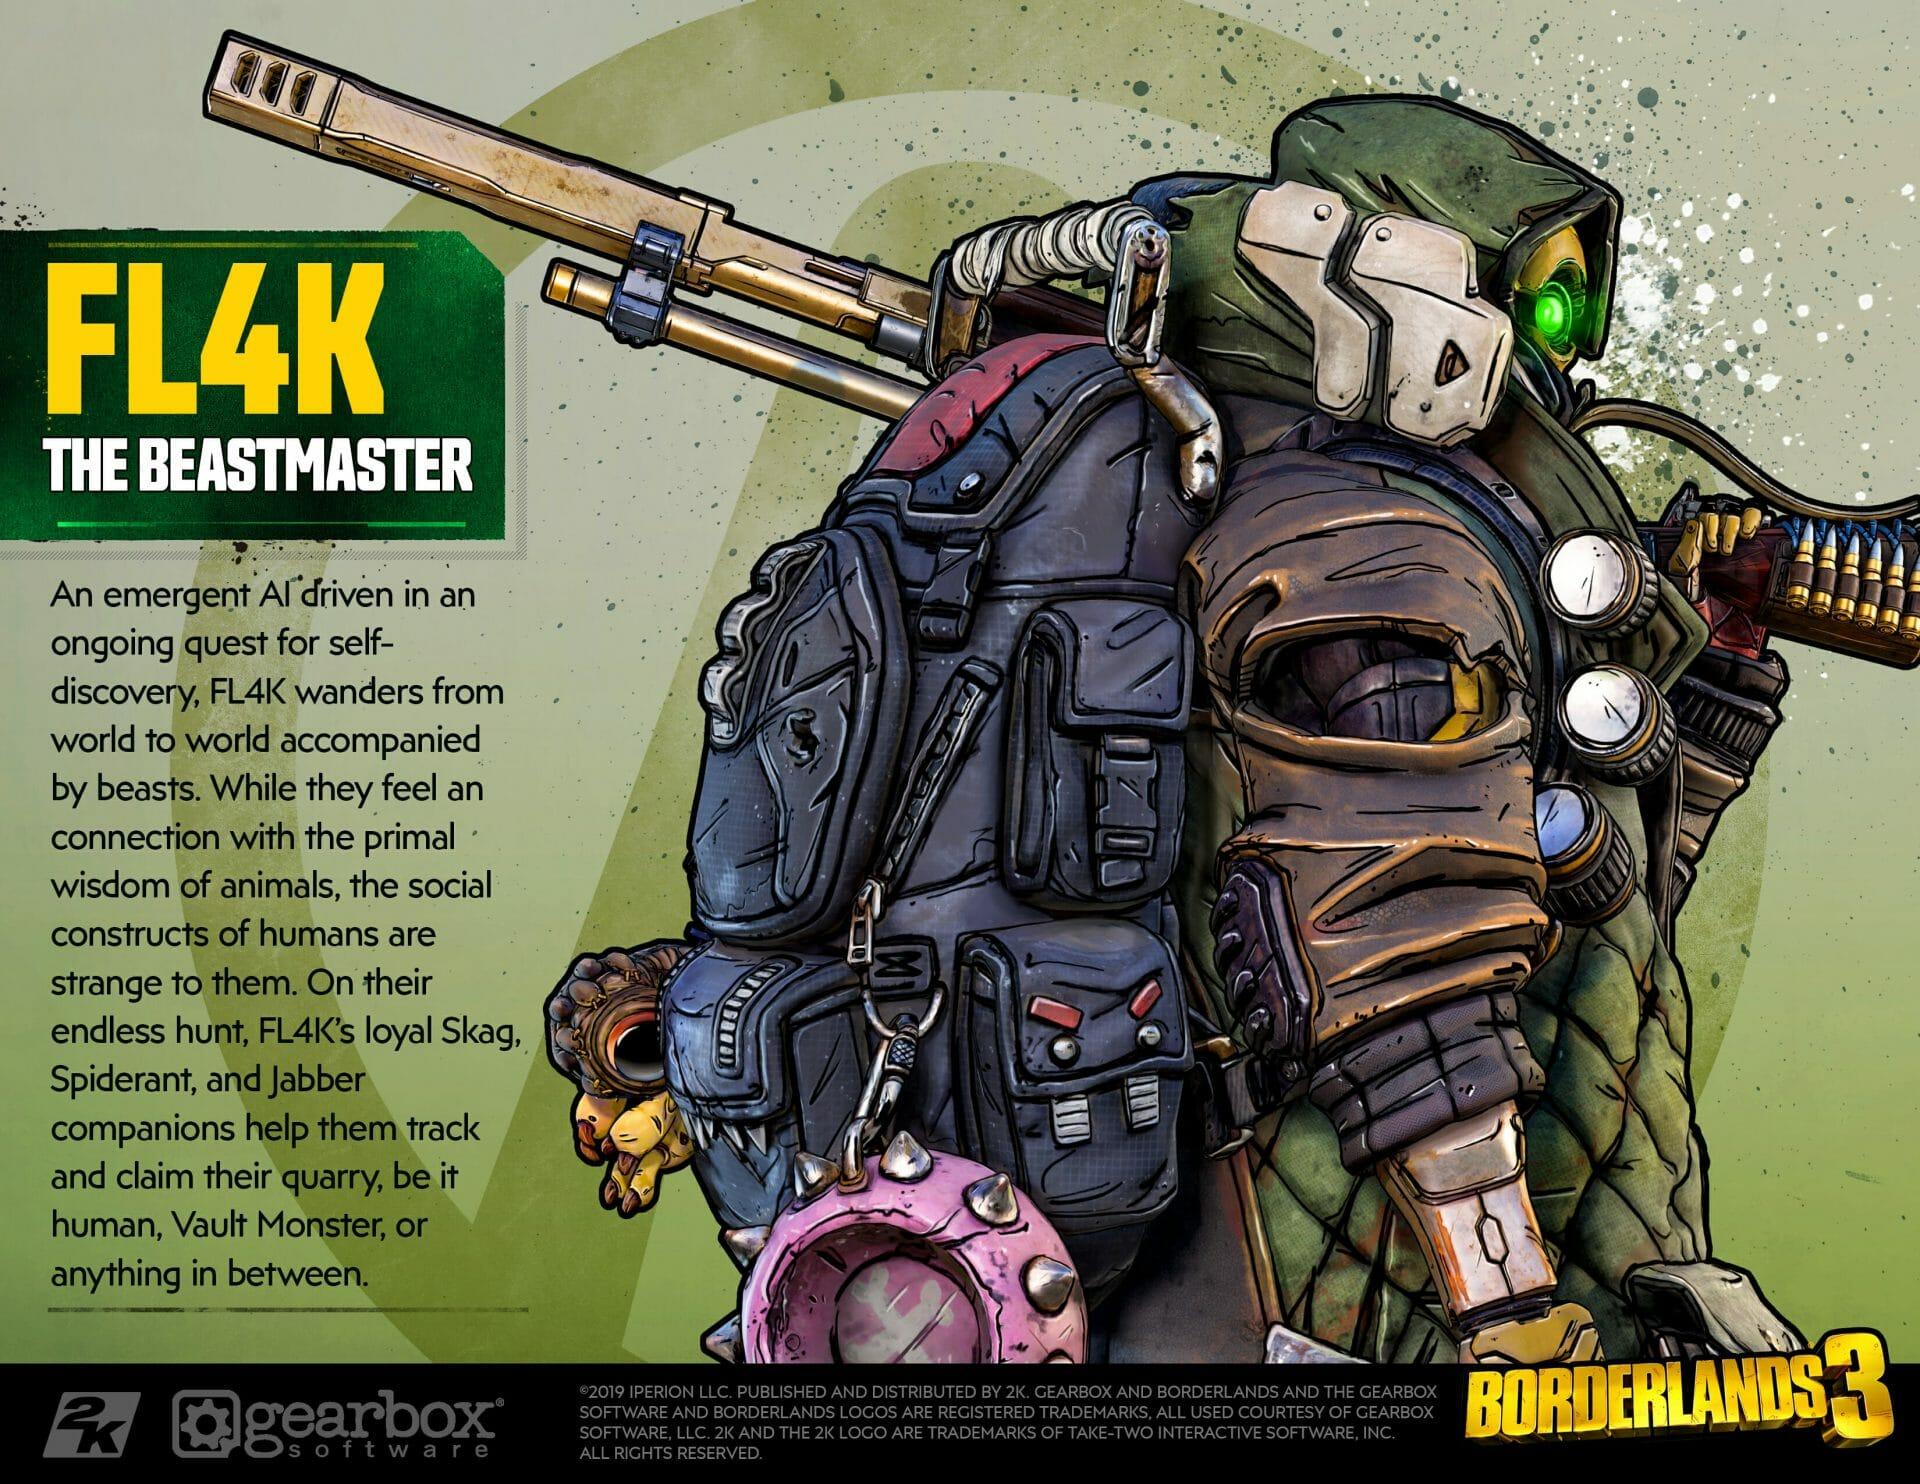 Fl4k, The Beastmaster, Borderlands 3